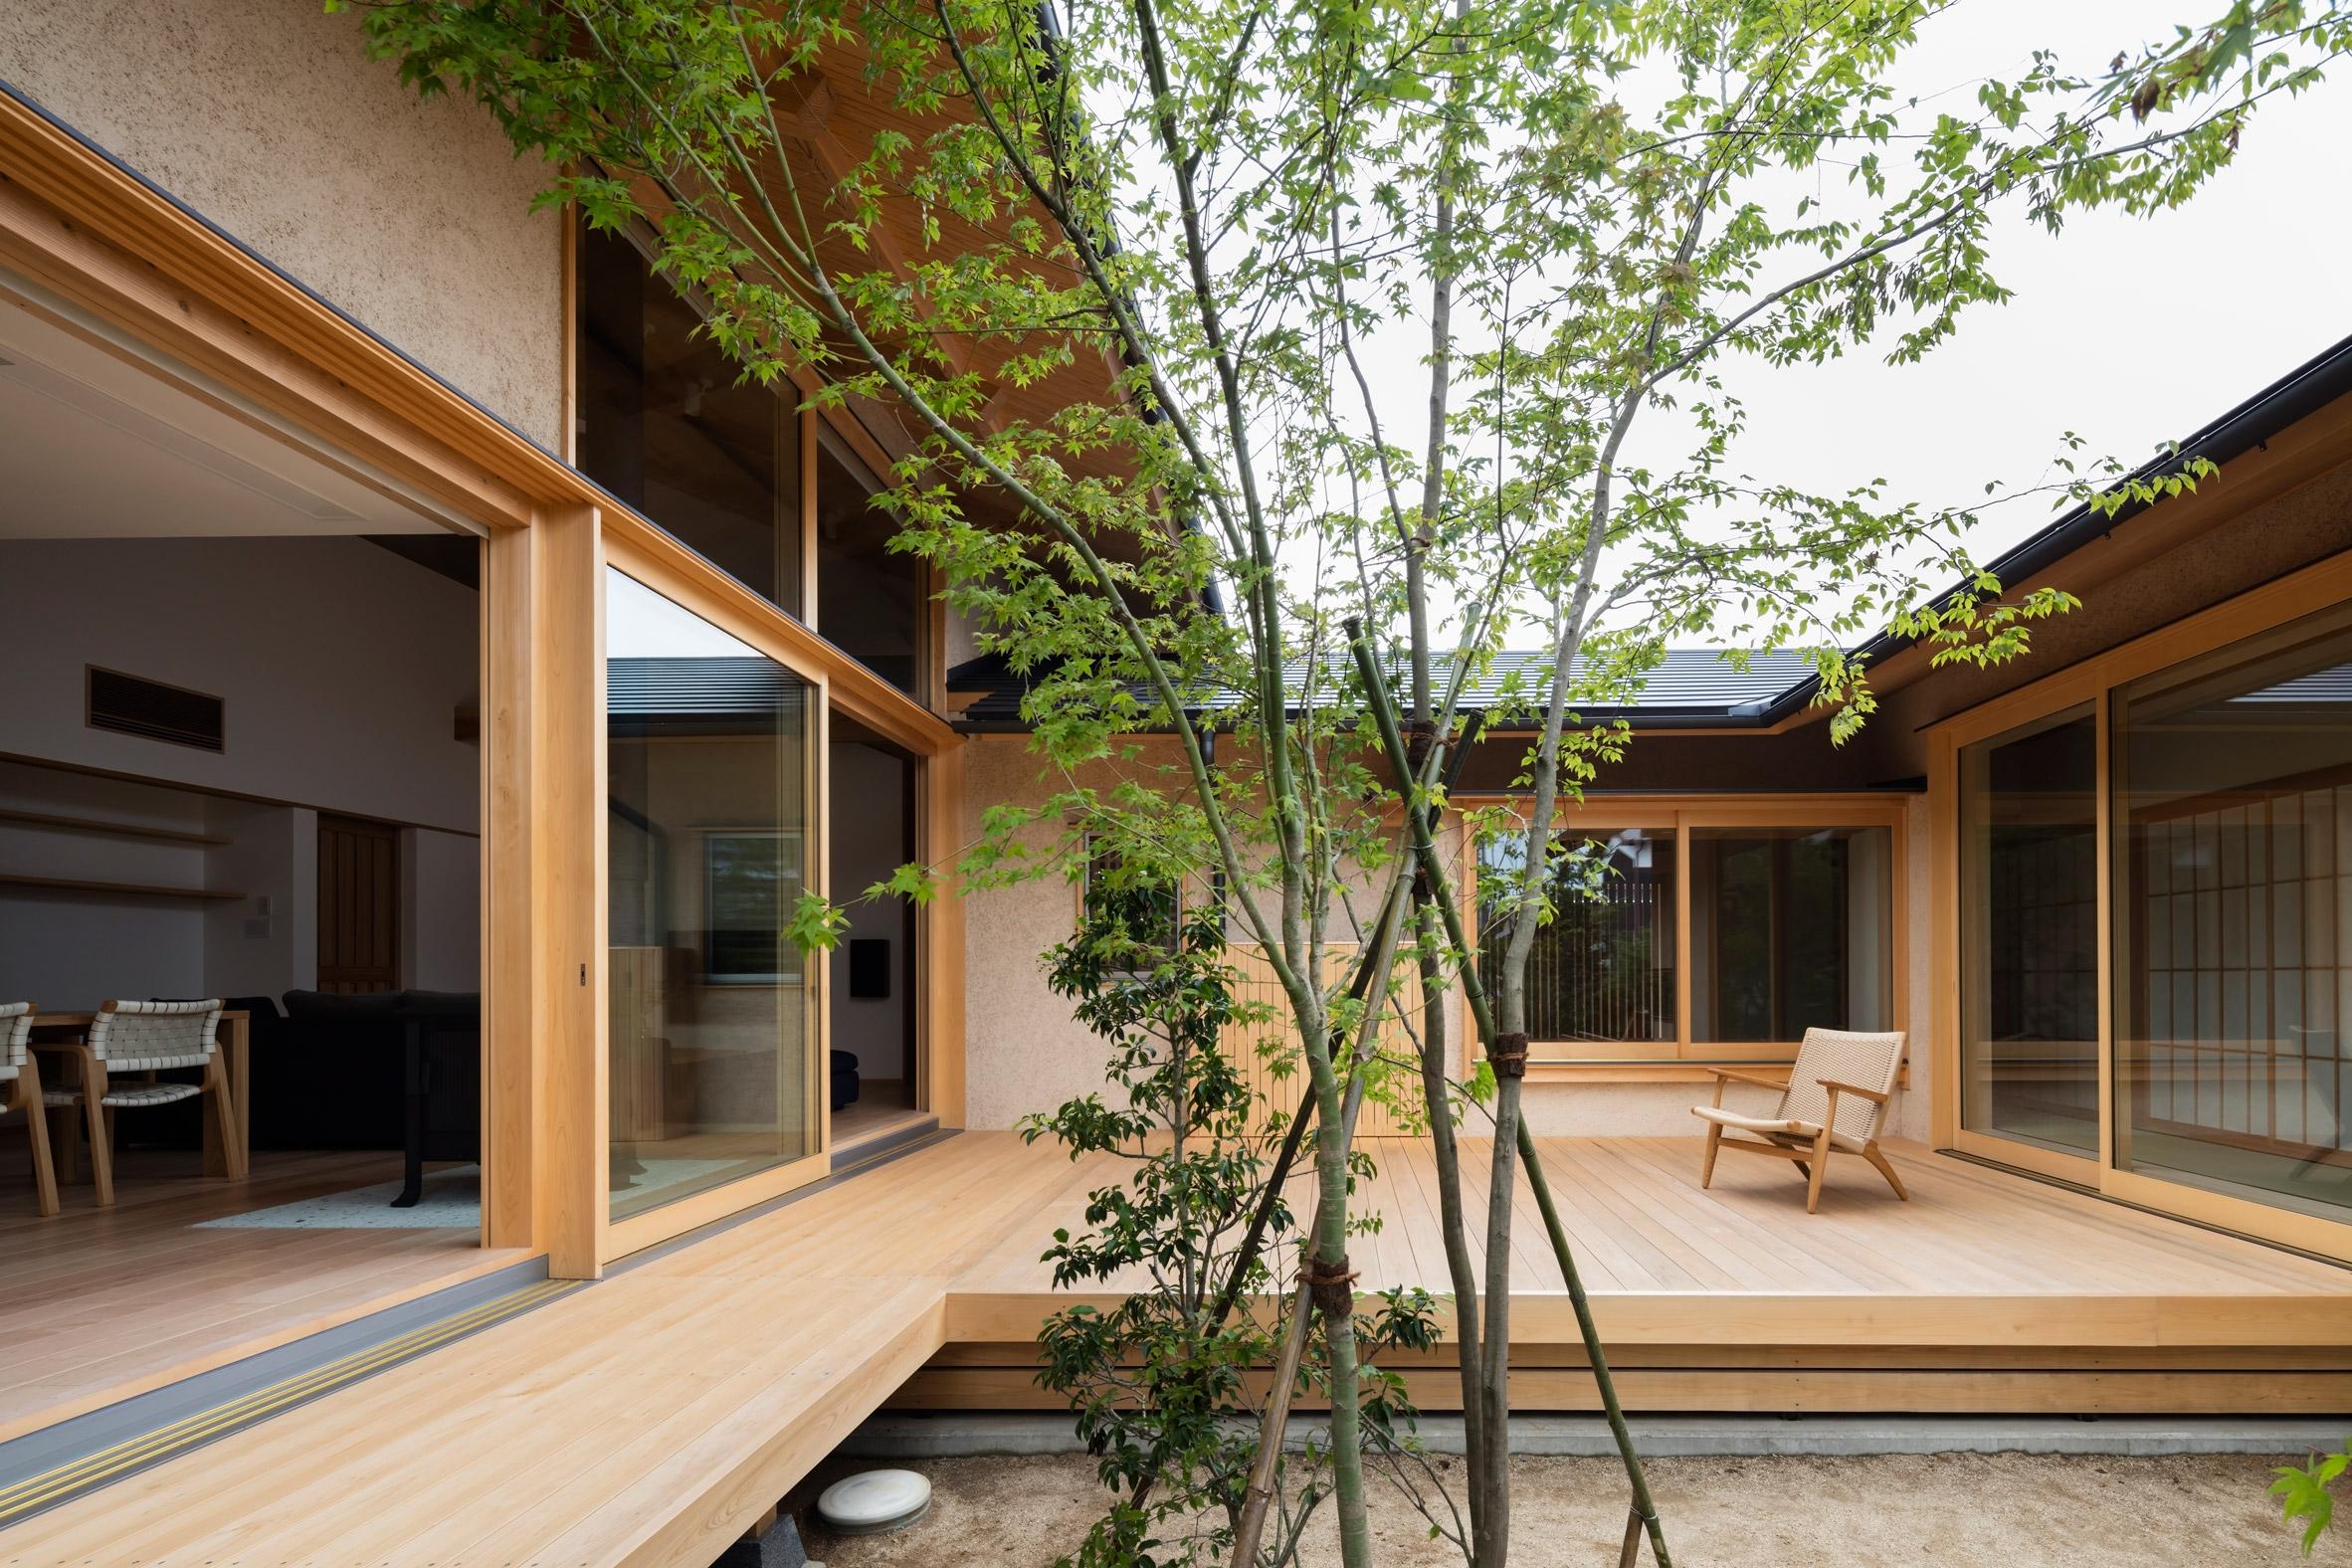 Kiến trúc nhà ở Nhật Bản 1